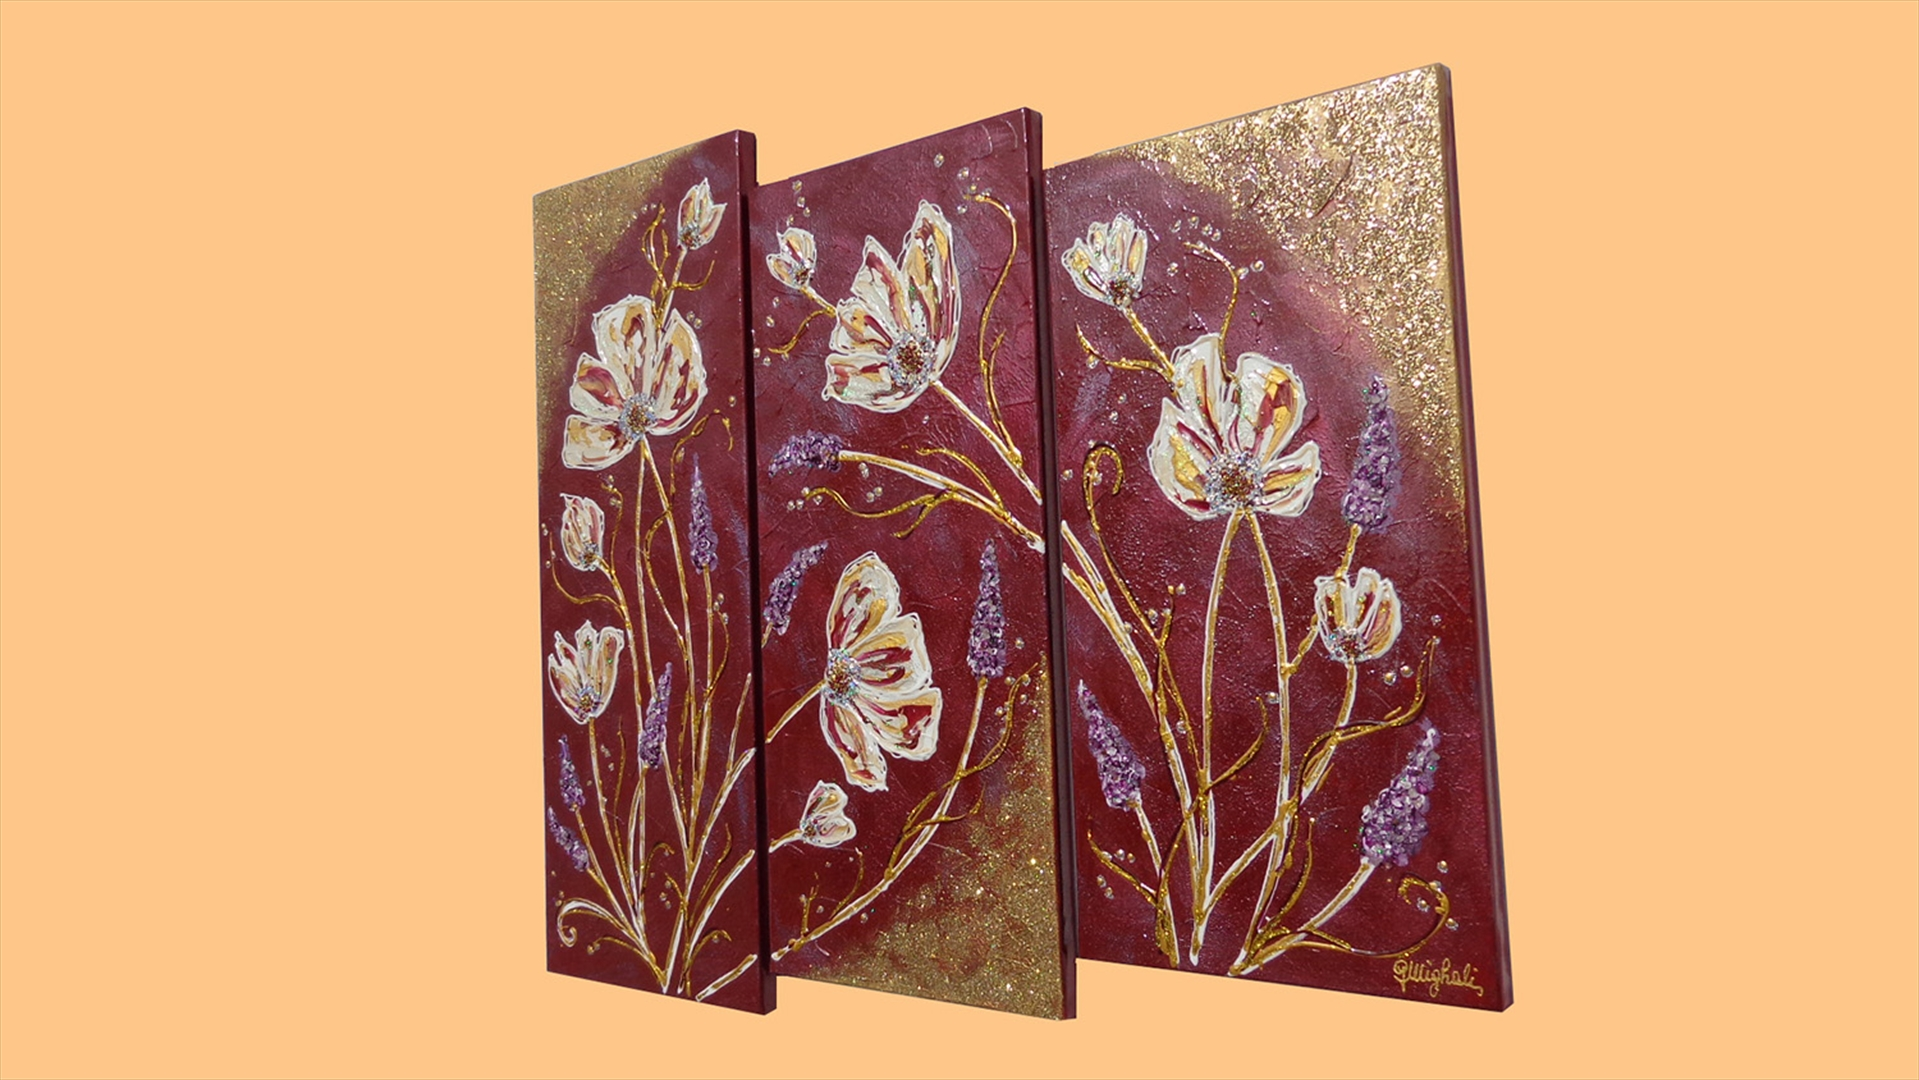 Camera Da Letto Trittico : Trittico fiori in rilievo vendita quadri online